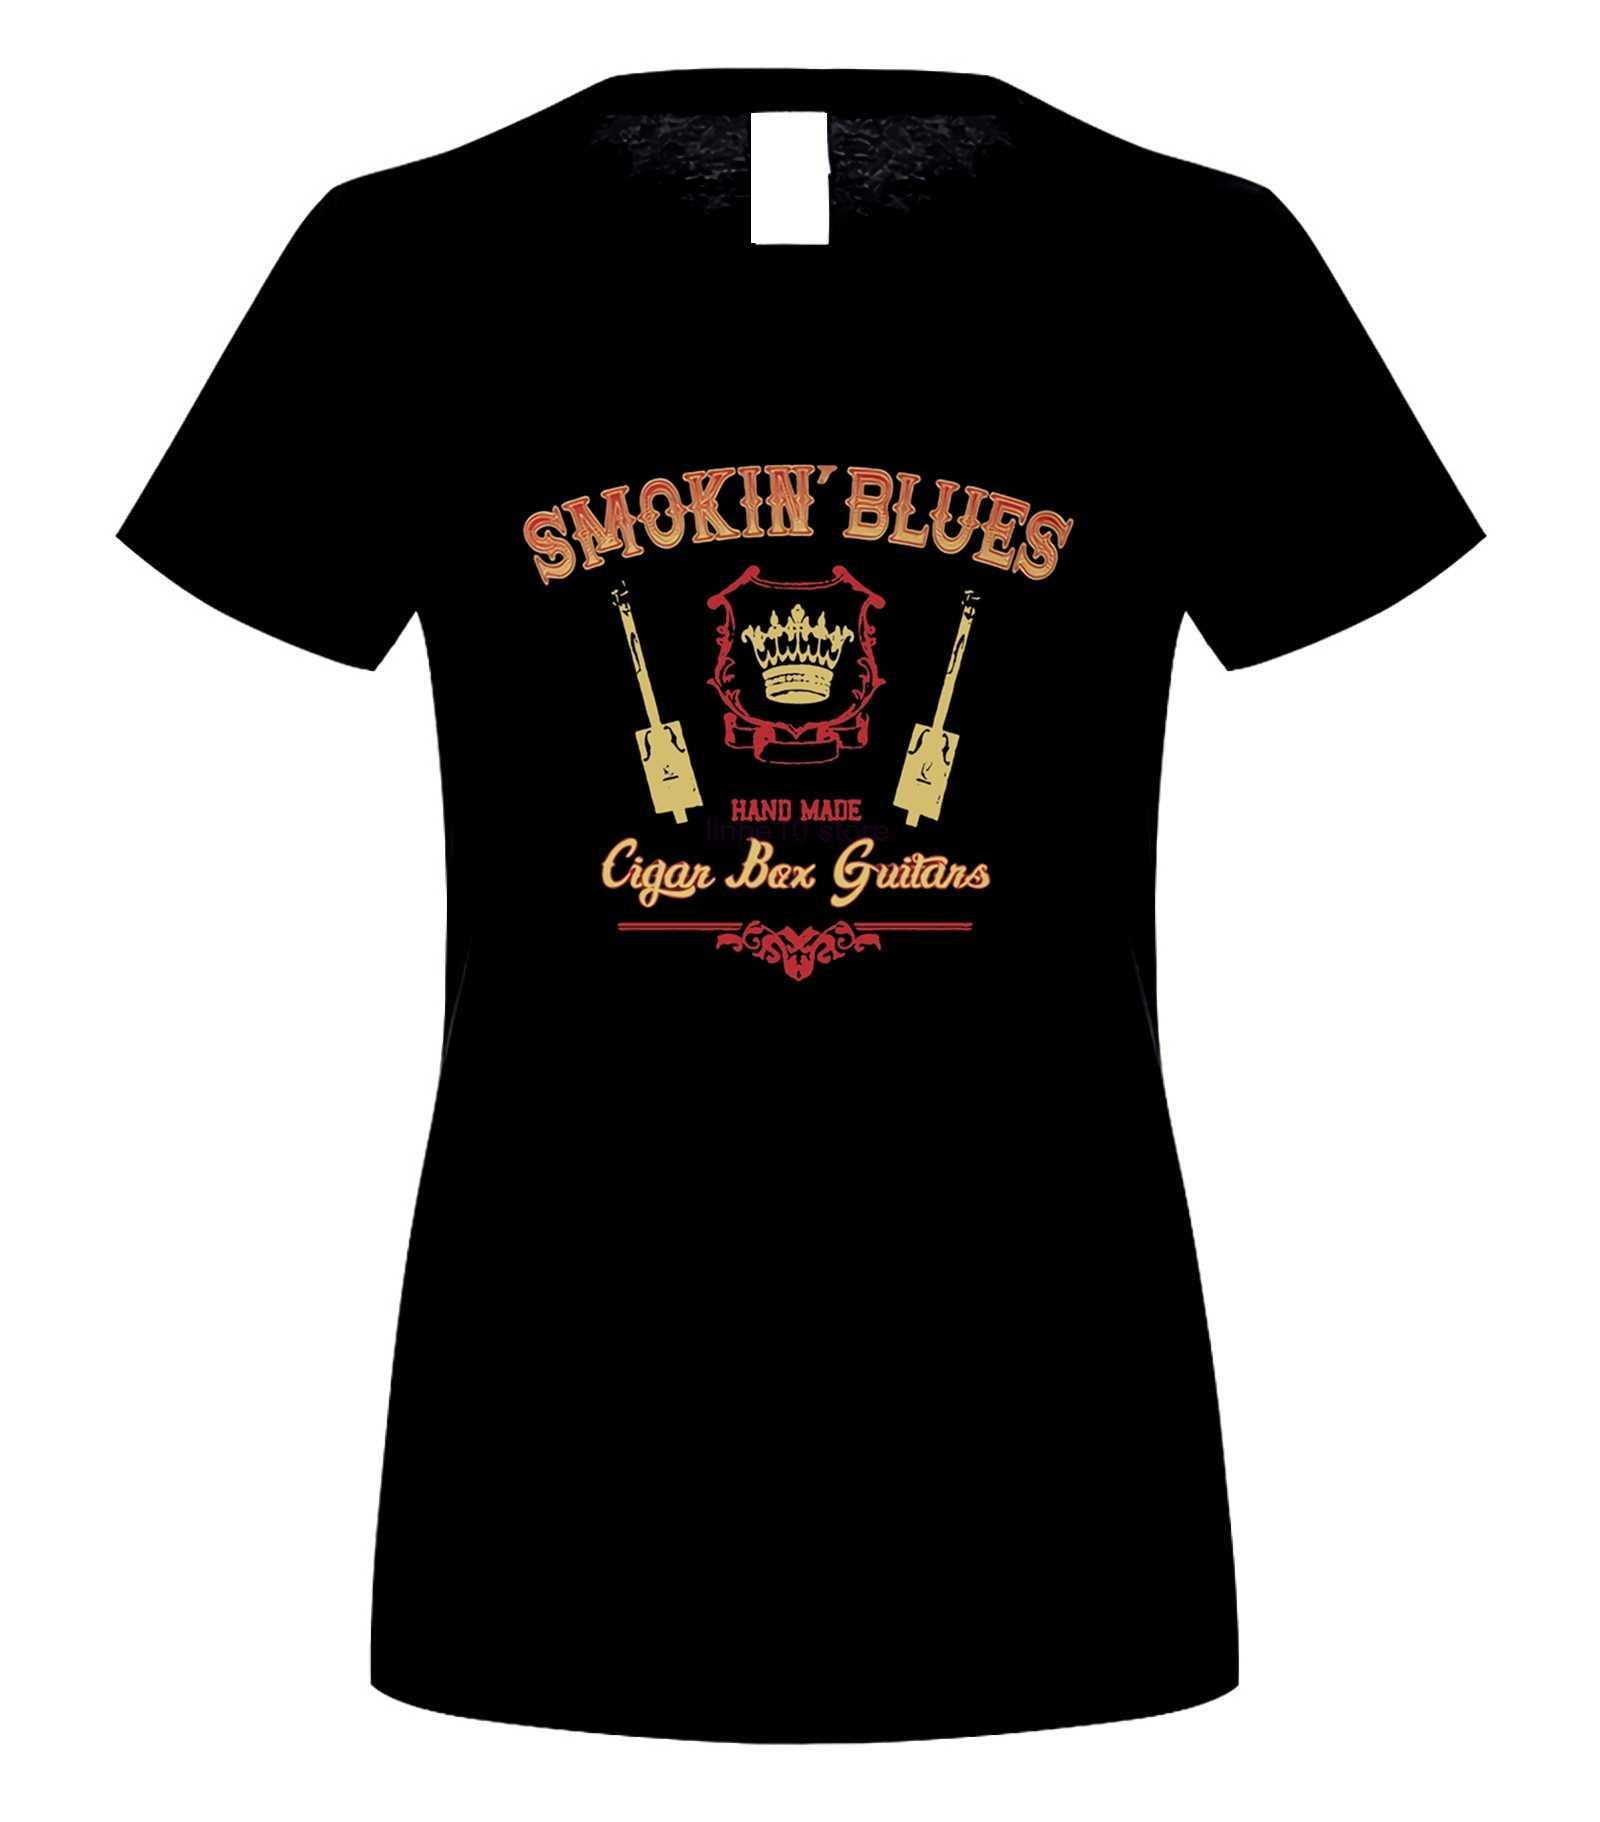 Smokin Blues กีตาร์กล่องซิการ์-Smokin' Hand Made Cigan เสื้อยืด Elegant Harajuku Tops แฟชั่นคลาสสิกที่ไม่ซ้ำกันจัดส่งฟรี